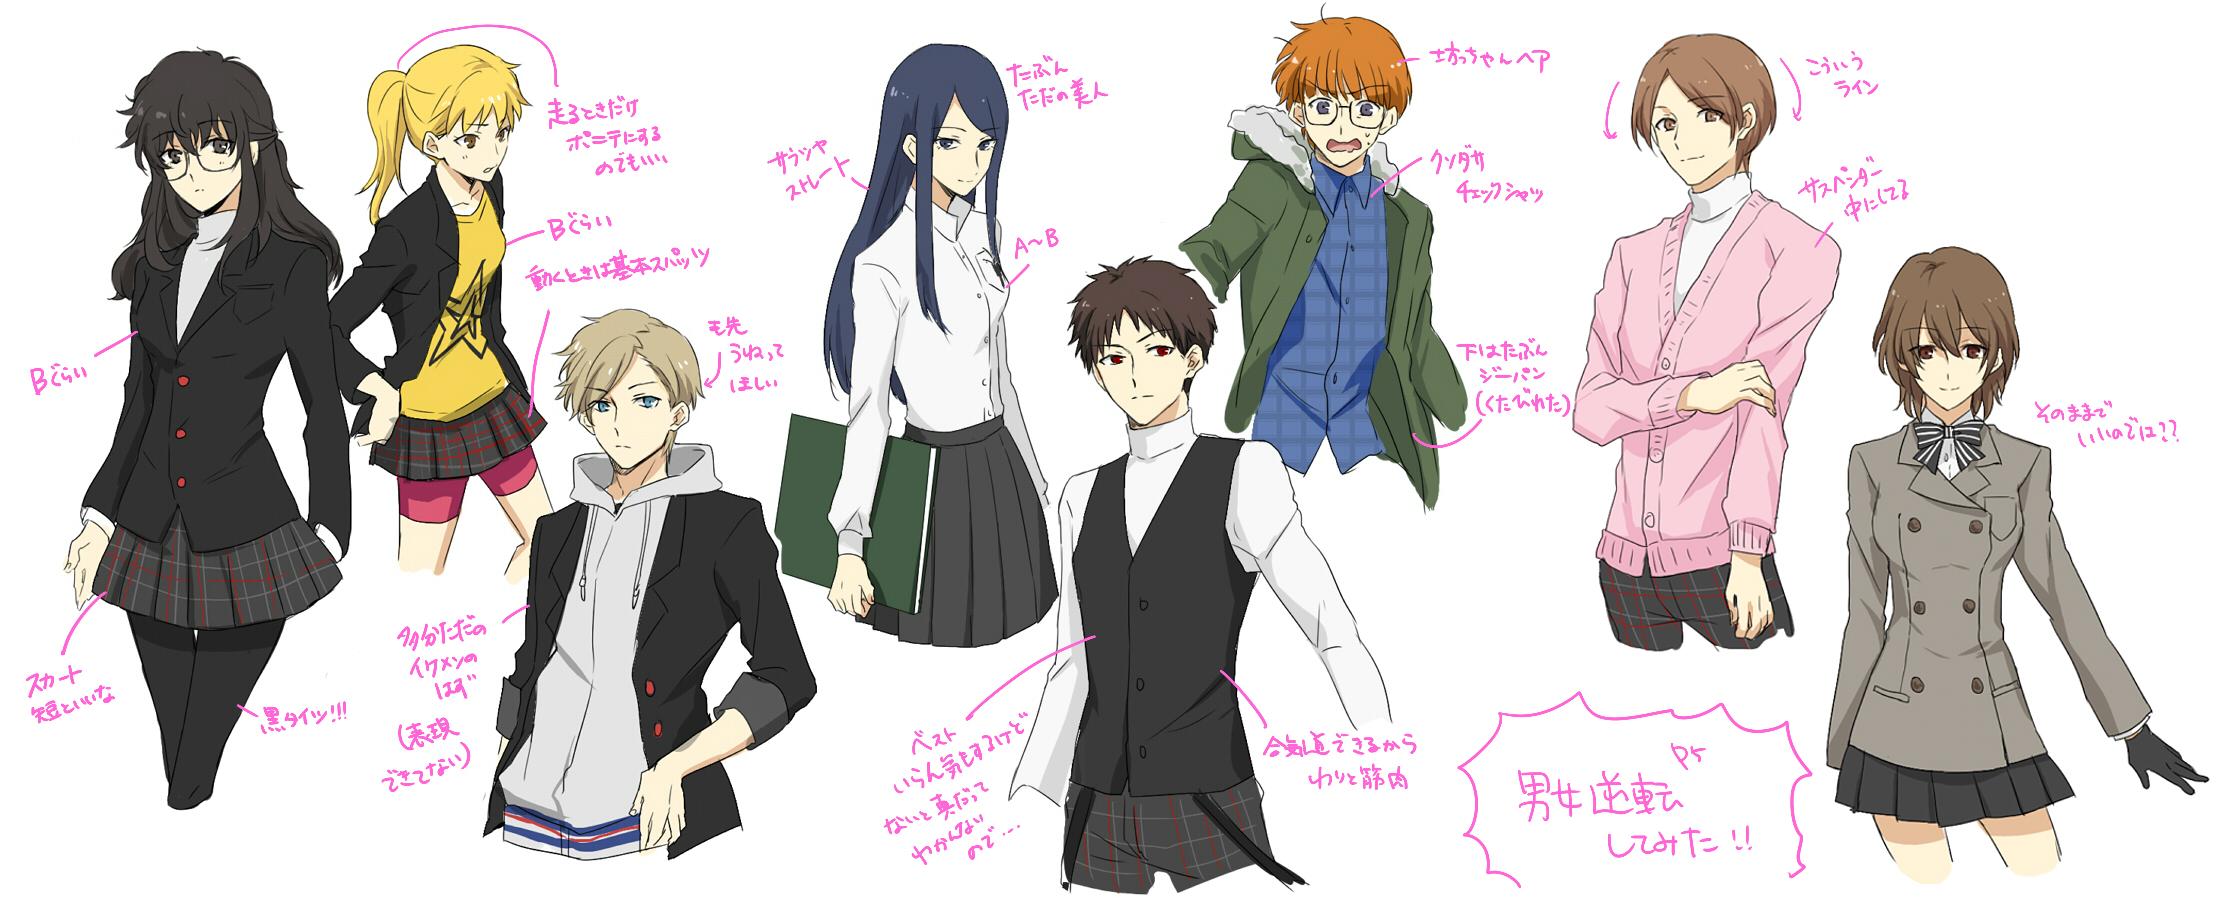 Persona 5 Wallpaper Morgana Cute Persona 5 Cast R63 Megami Tensei Persona Know Your Meme